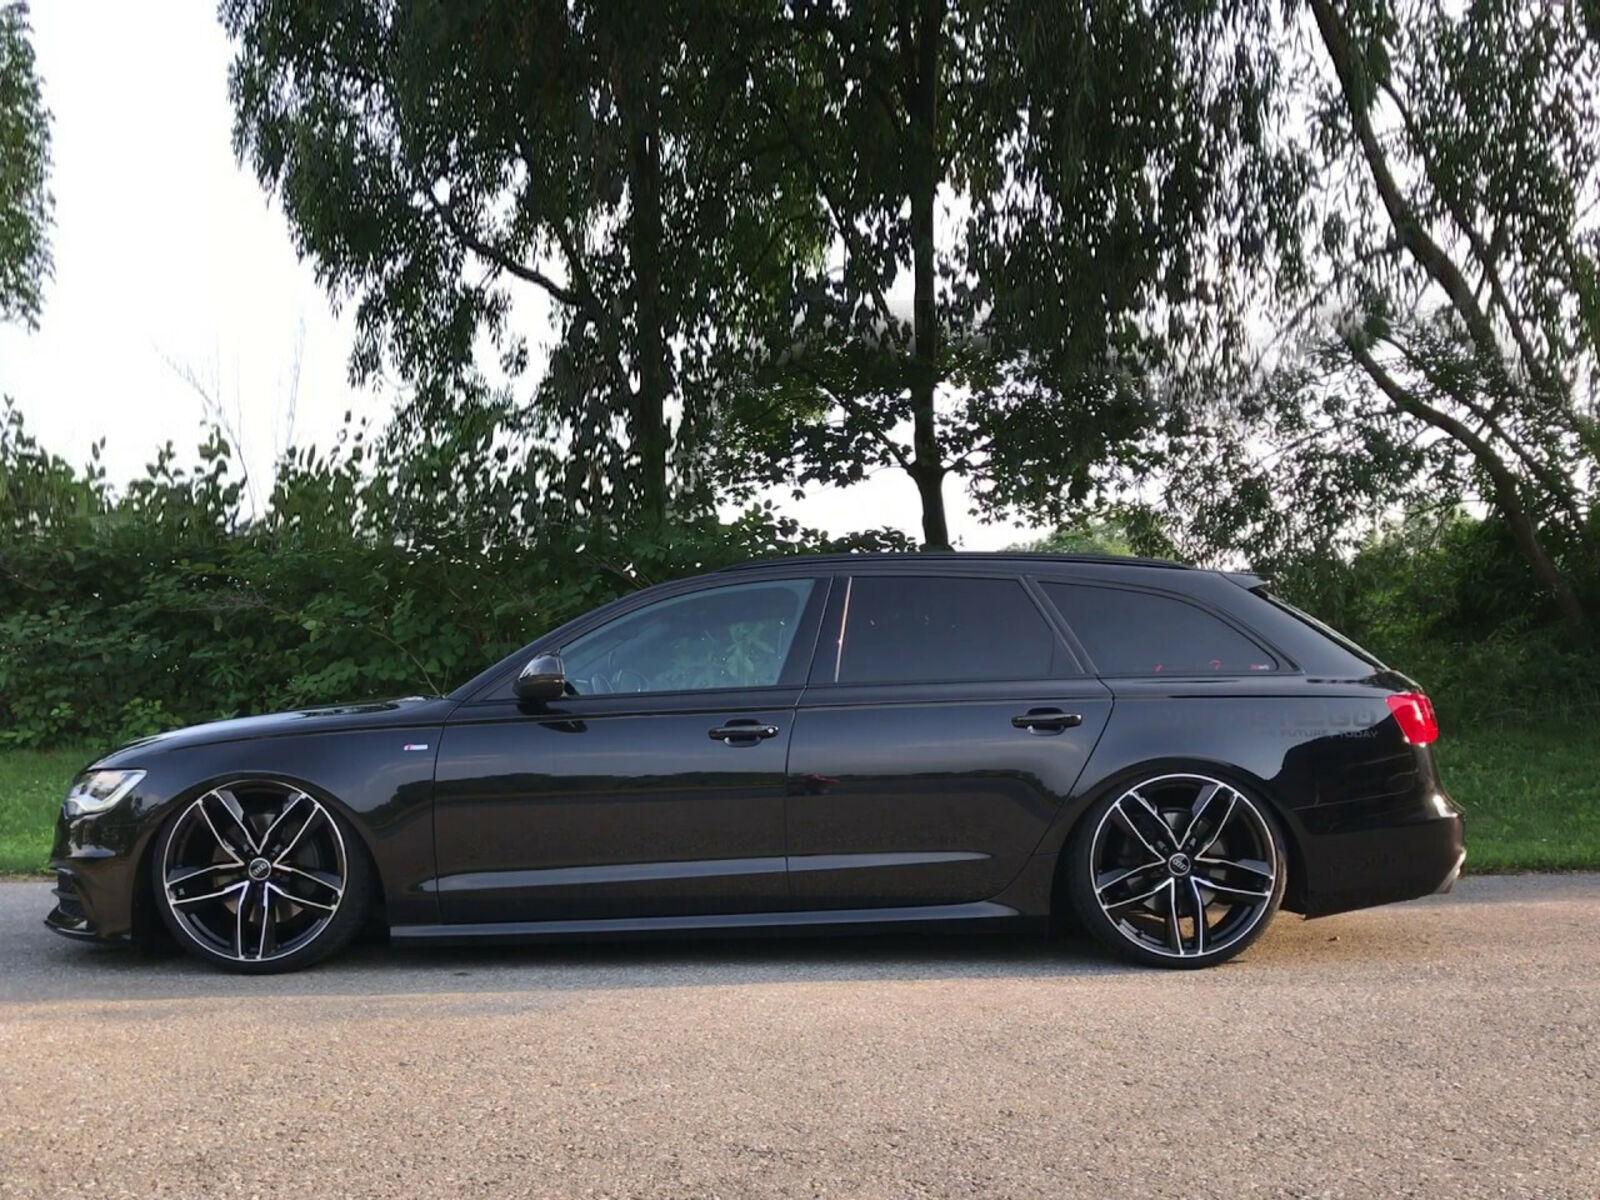 News Alufelgen Audi A6 4g Avant 21zoll Alufelgen Komplettrader Und Sommerrader Mit Abe Ls24 Schwarz Poliert 9x21 Mit Sommerreifen 265 30zr21